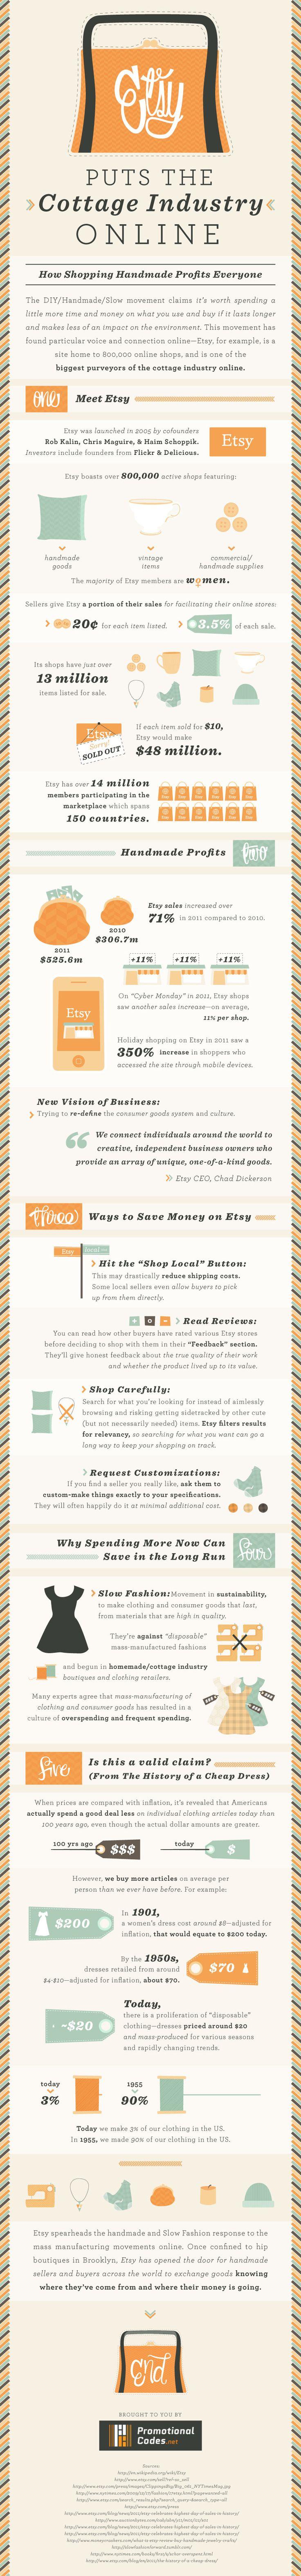 Etsy infographic